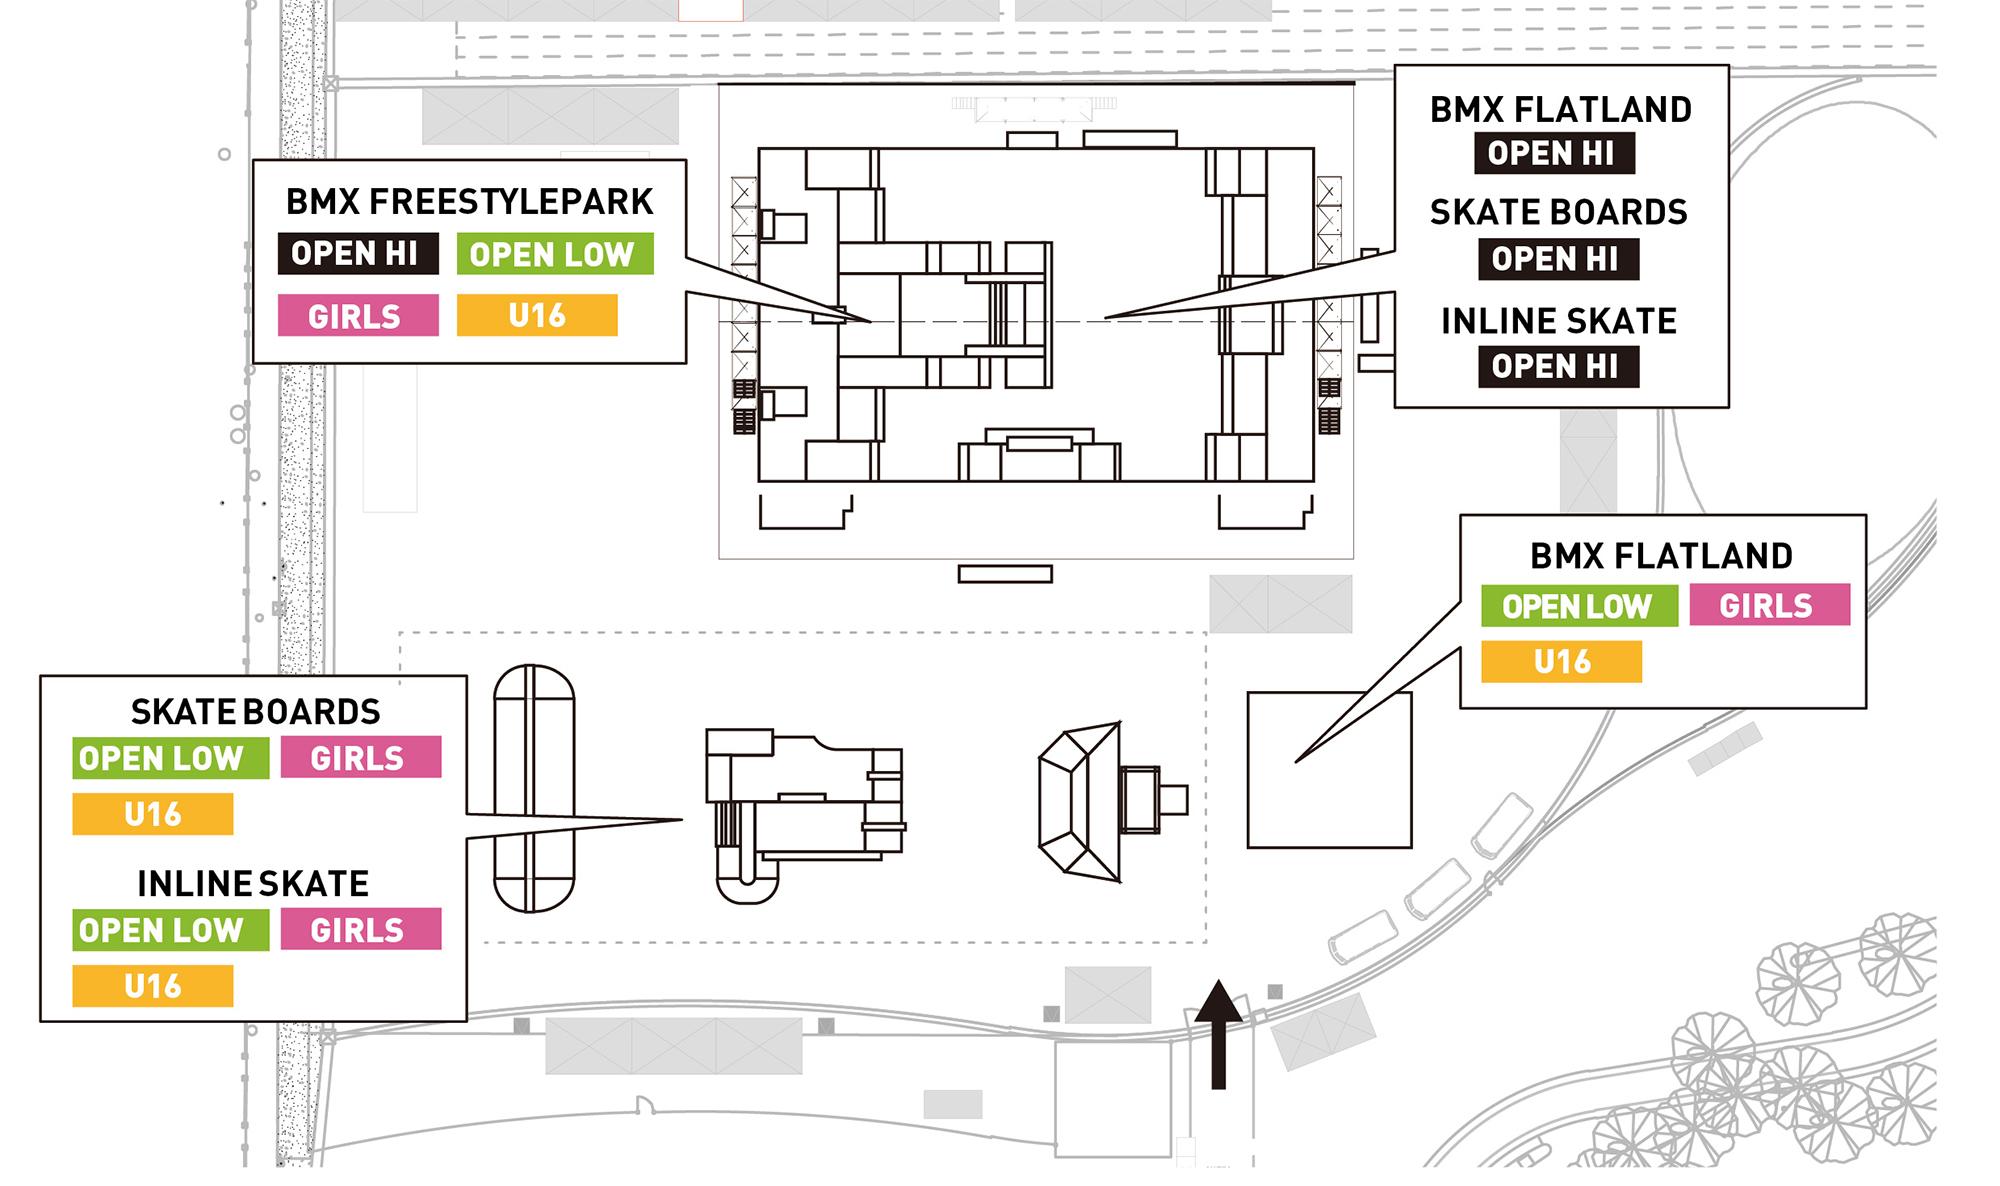 CHIMERA-A-SIDE2019_1stLEAGUEのAREAMAP画像:Skateboard スケートボード